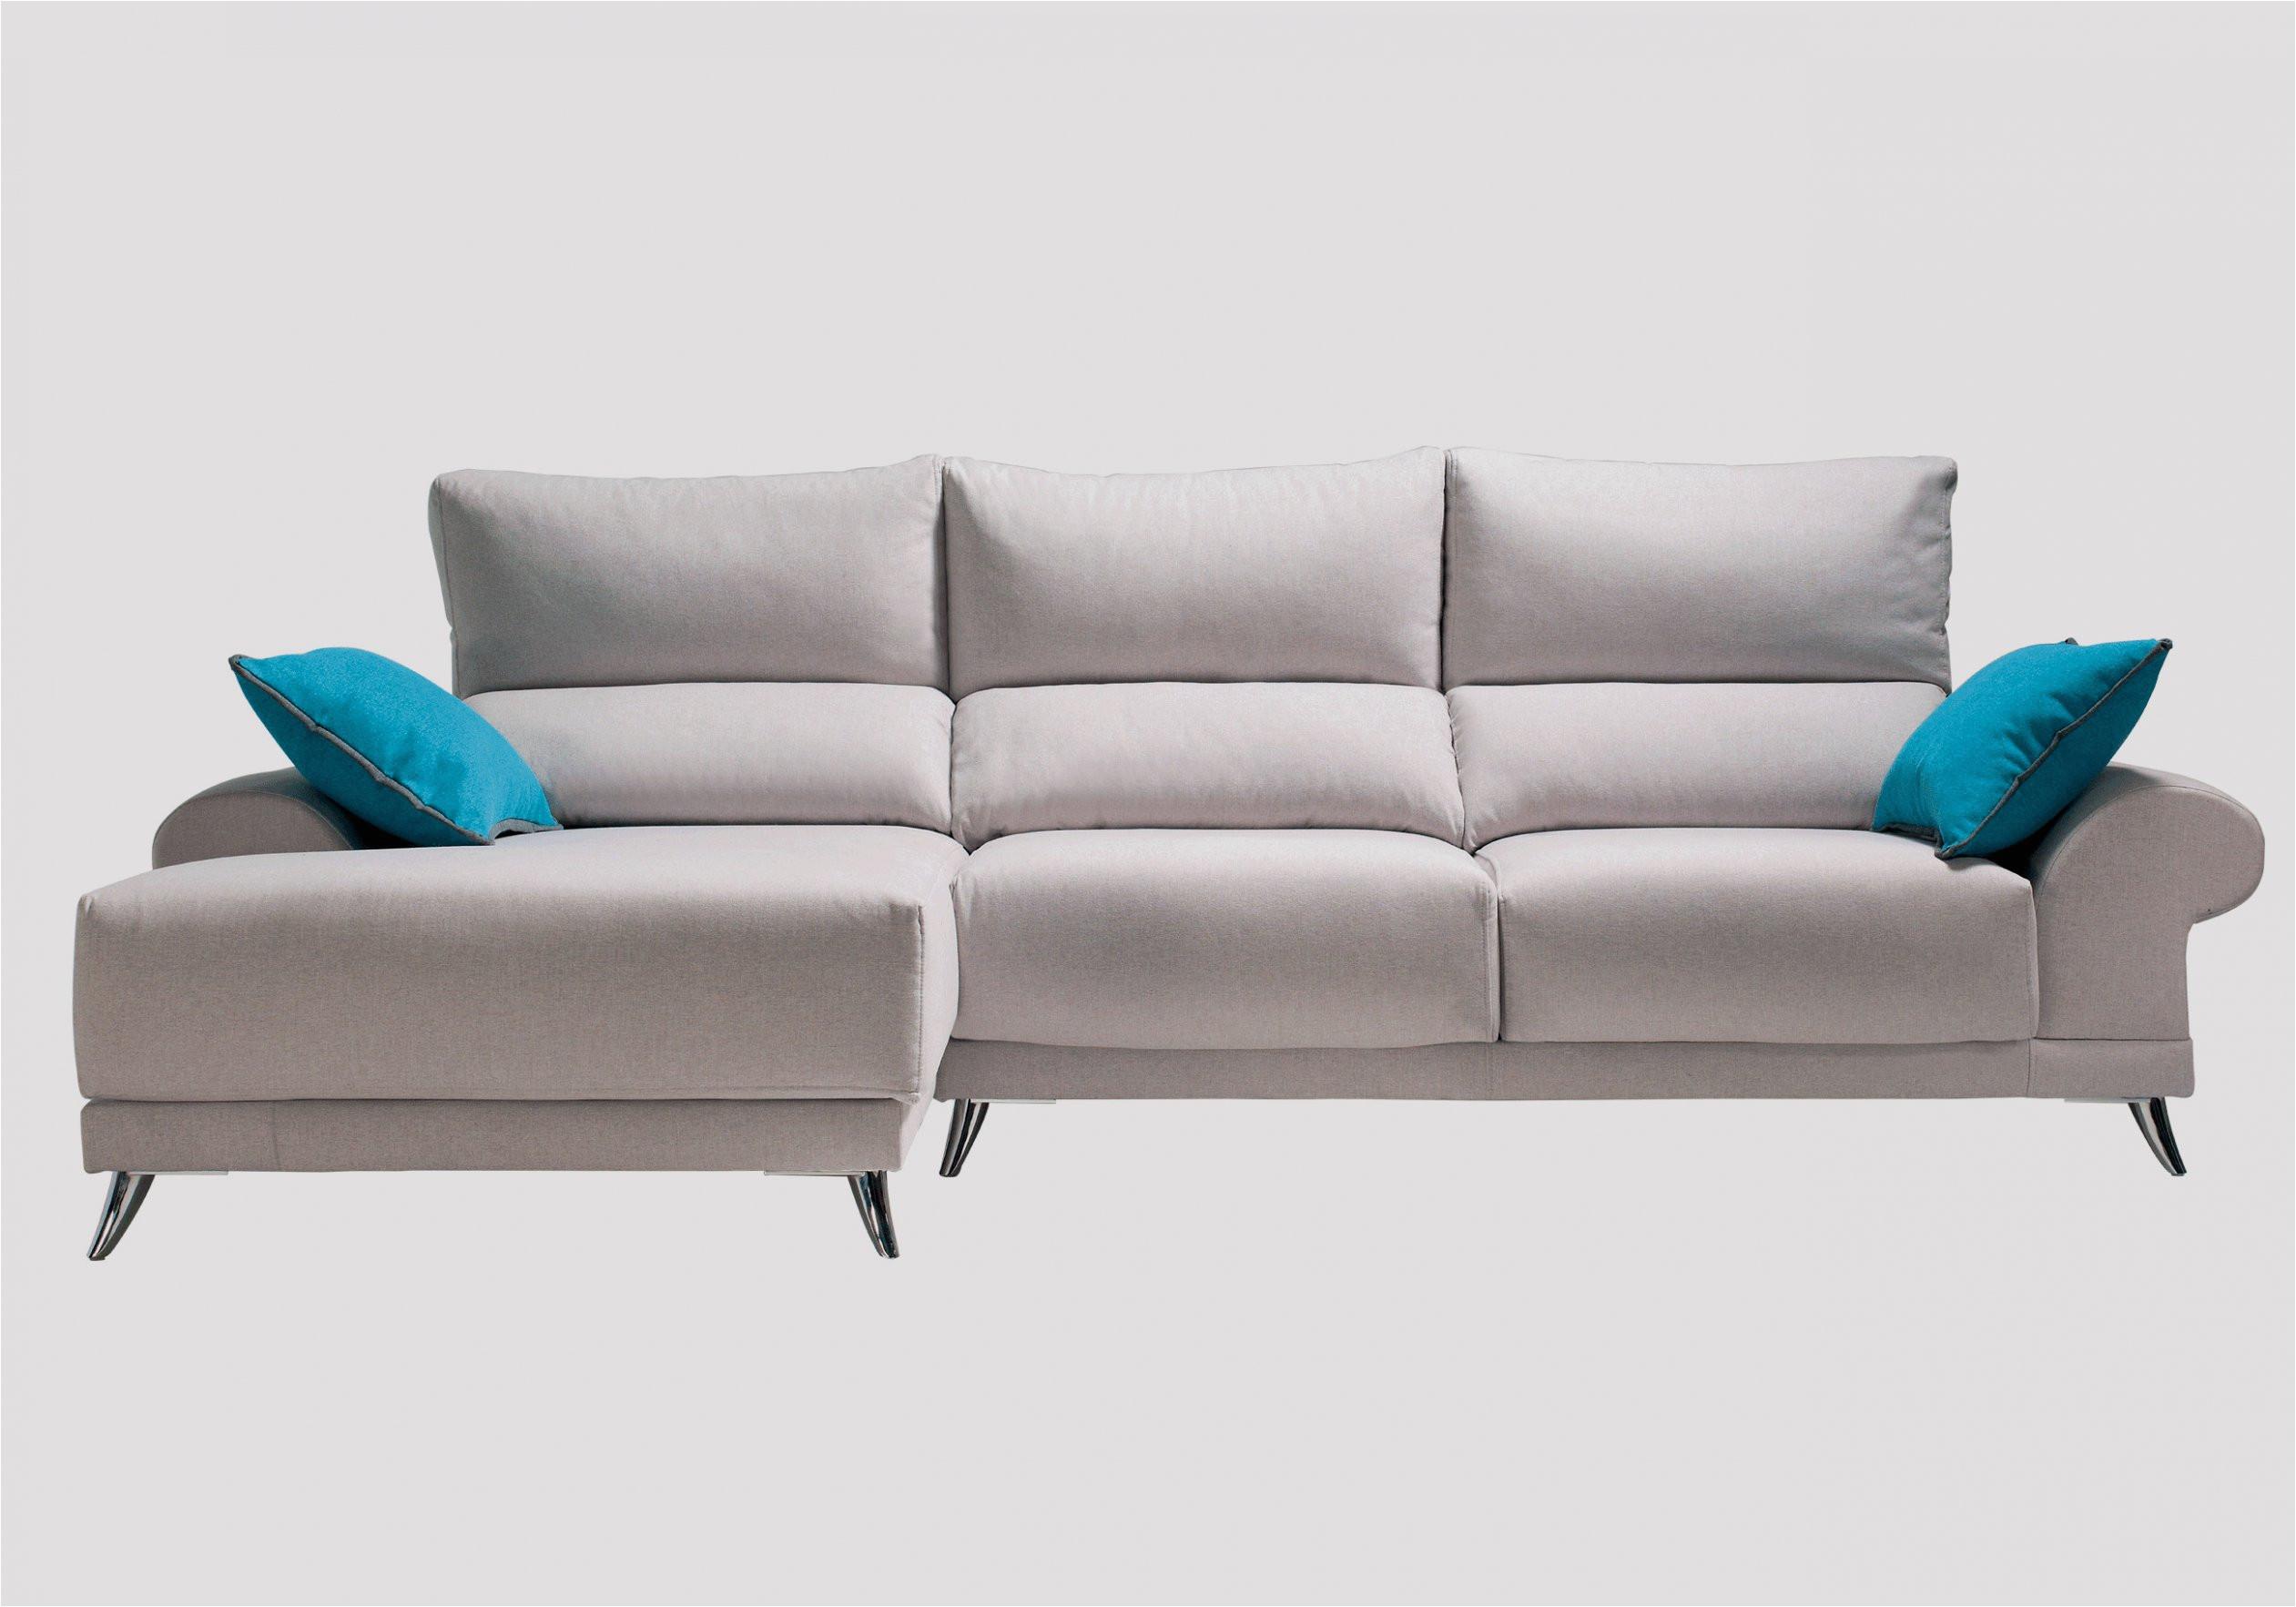 sofas baratos madrid liquidacion bonito de aaopa donde prar sofas planificacia n para familia diseno interior